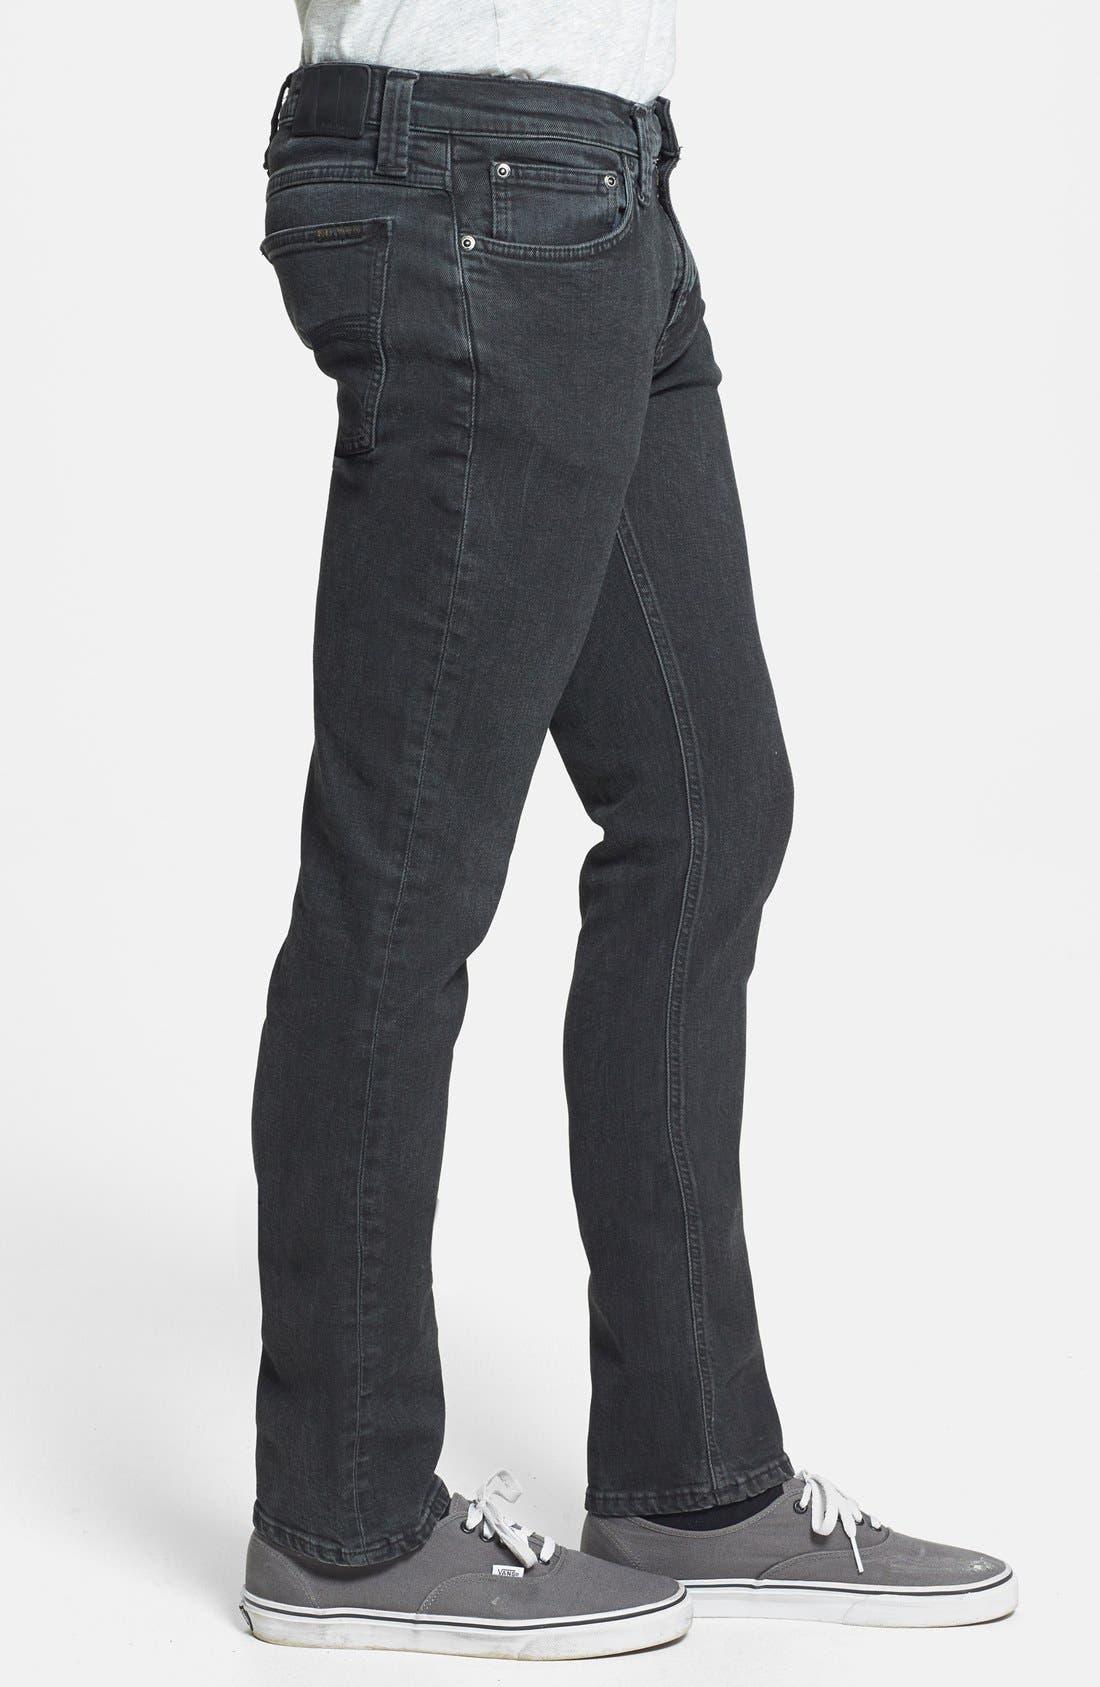 Alternate Image 3  - Nudie Jeans 'Tube Tom' Skinny Fit Jeans (Organic Painted Black)